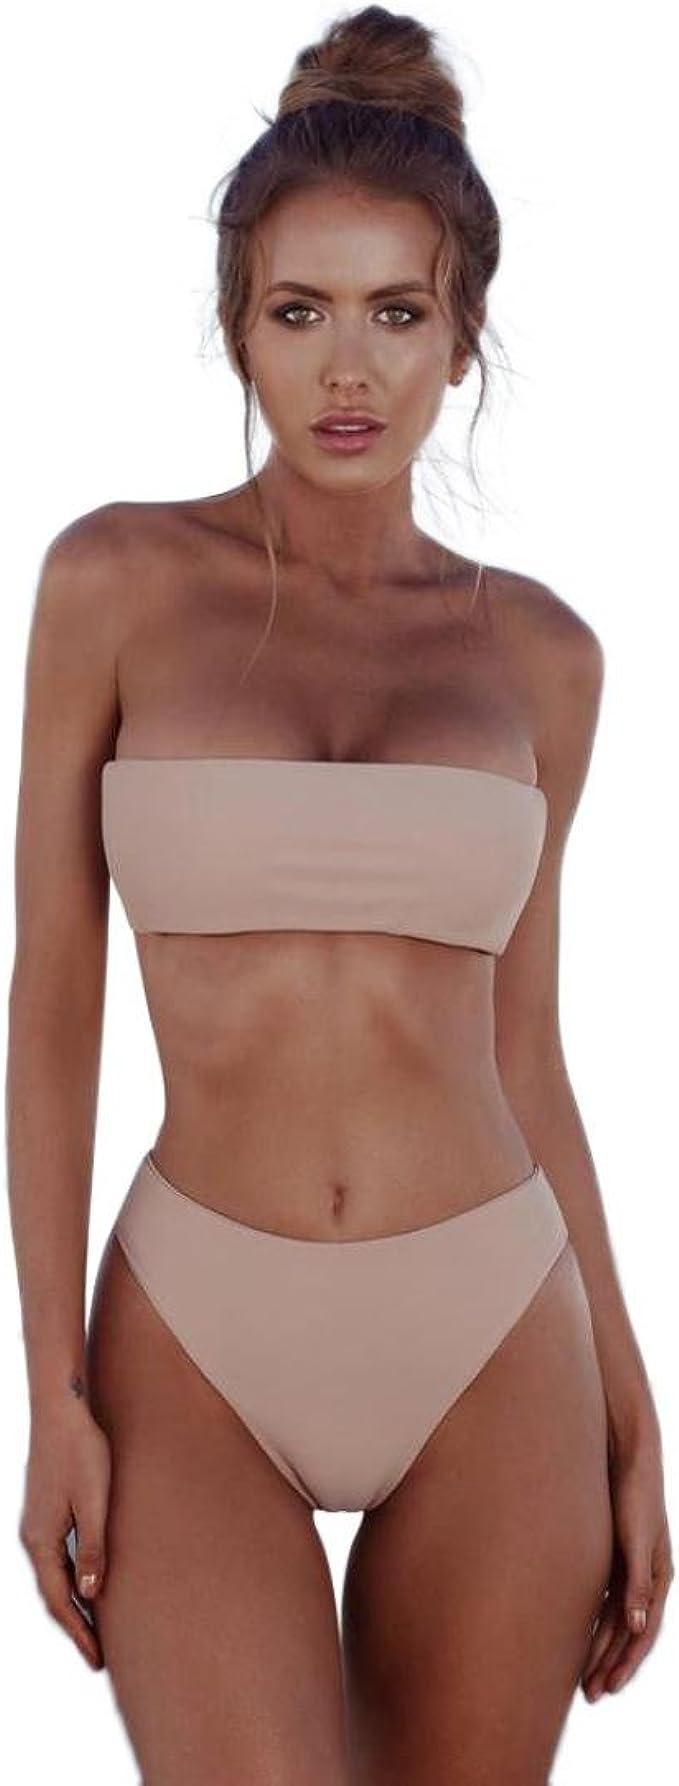 URSING/_Damen Bandeau Bikini Set Push-Up Brasilianisch Zweiteiliger Badeanzug Sport Bademode Beachwear Swimsuit Badebekleidung Schwimmanzug Mode Sommer Strand Swimsuit Swimwear